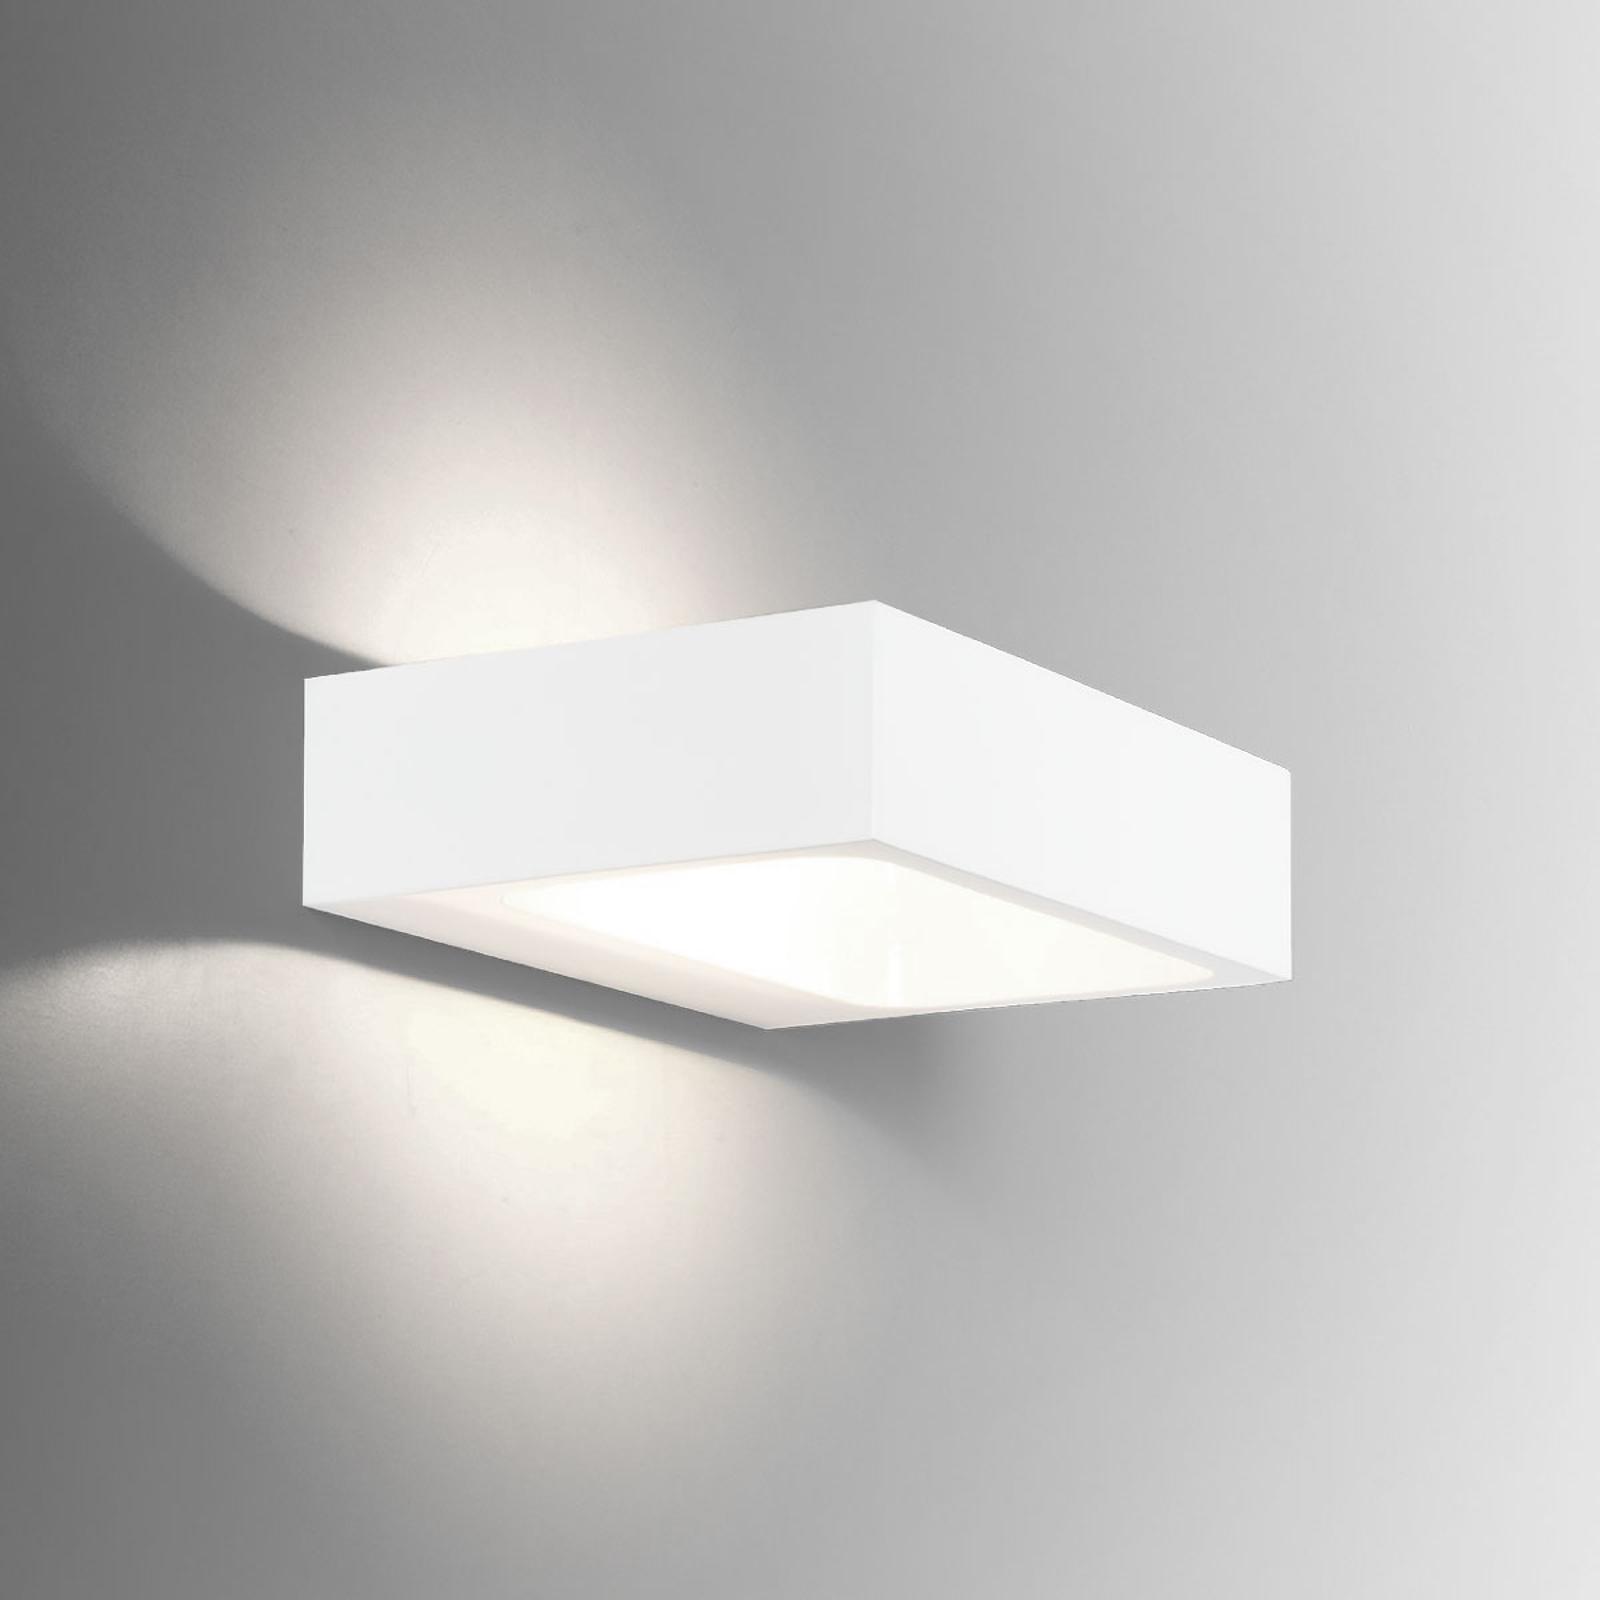 WEVER & DUCRÉ Bento 1.3 LED wandlamp wit